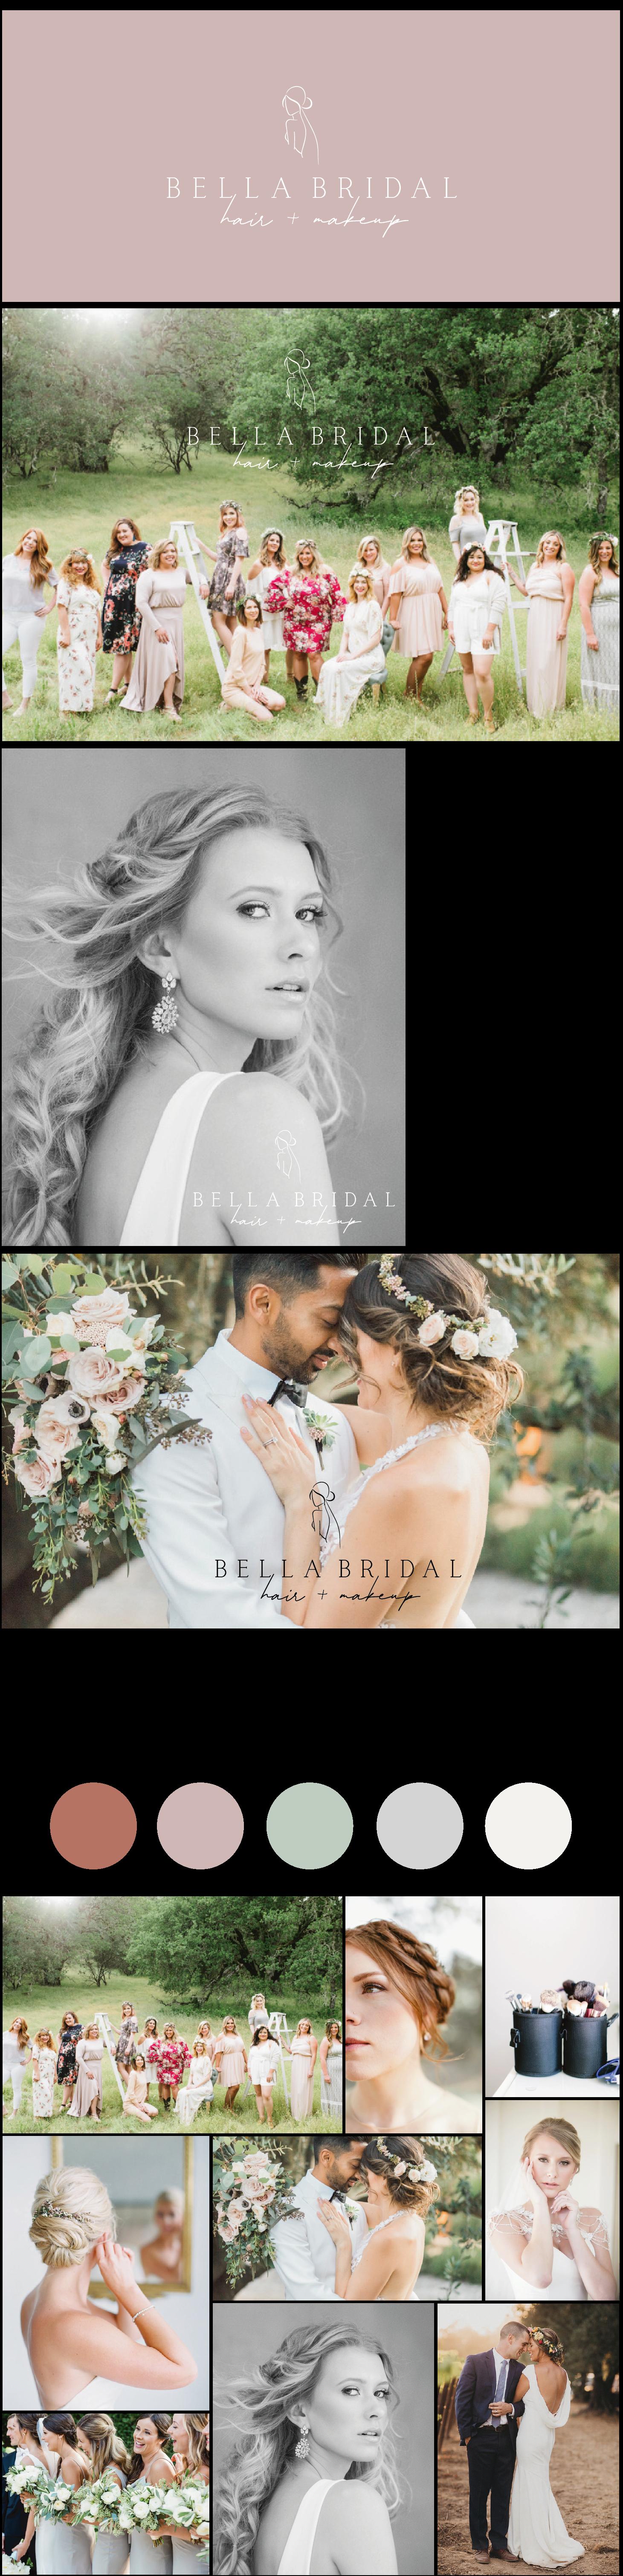 Bella Bridal Vision Board.png